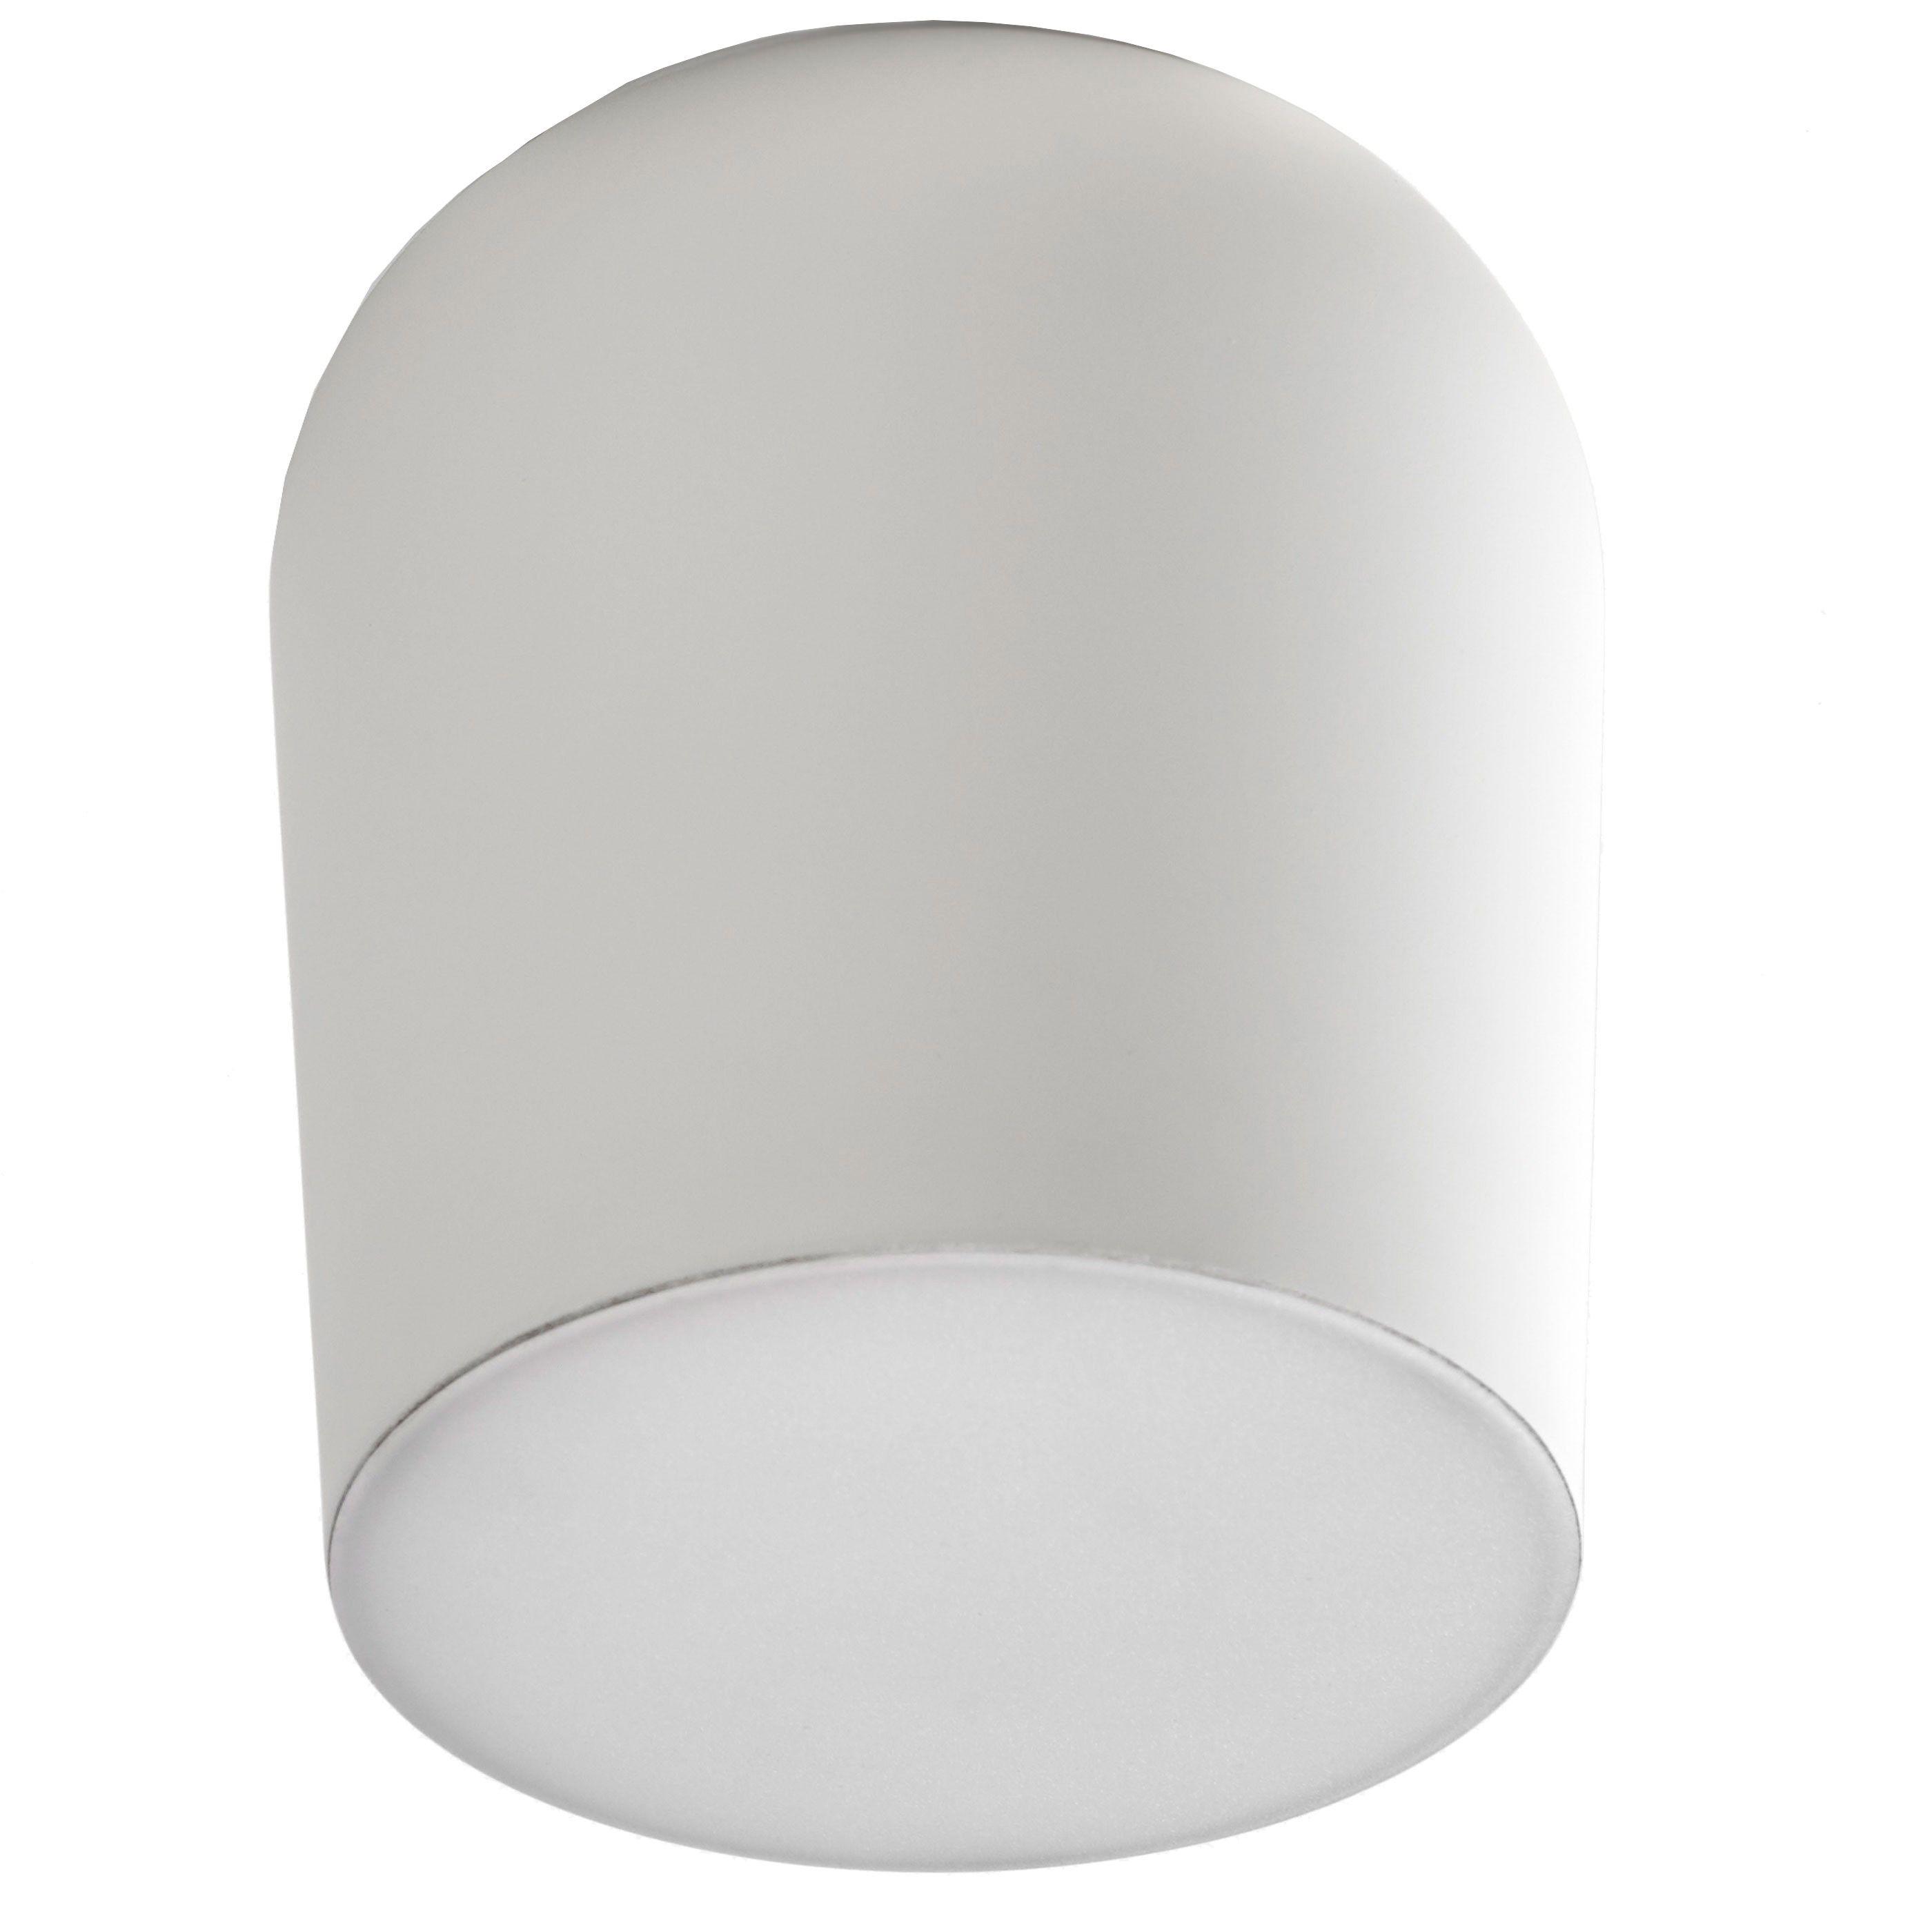 &tradition Passepartout JH10 plafondlamp LED mat wit